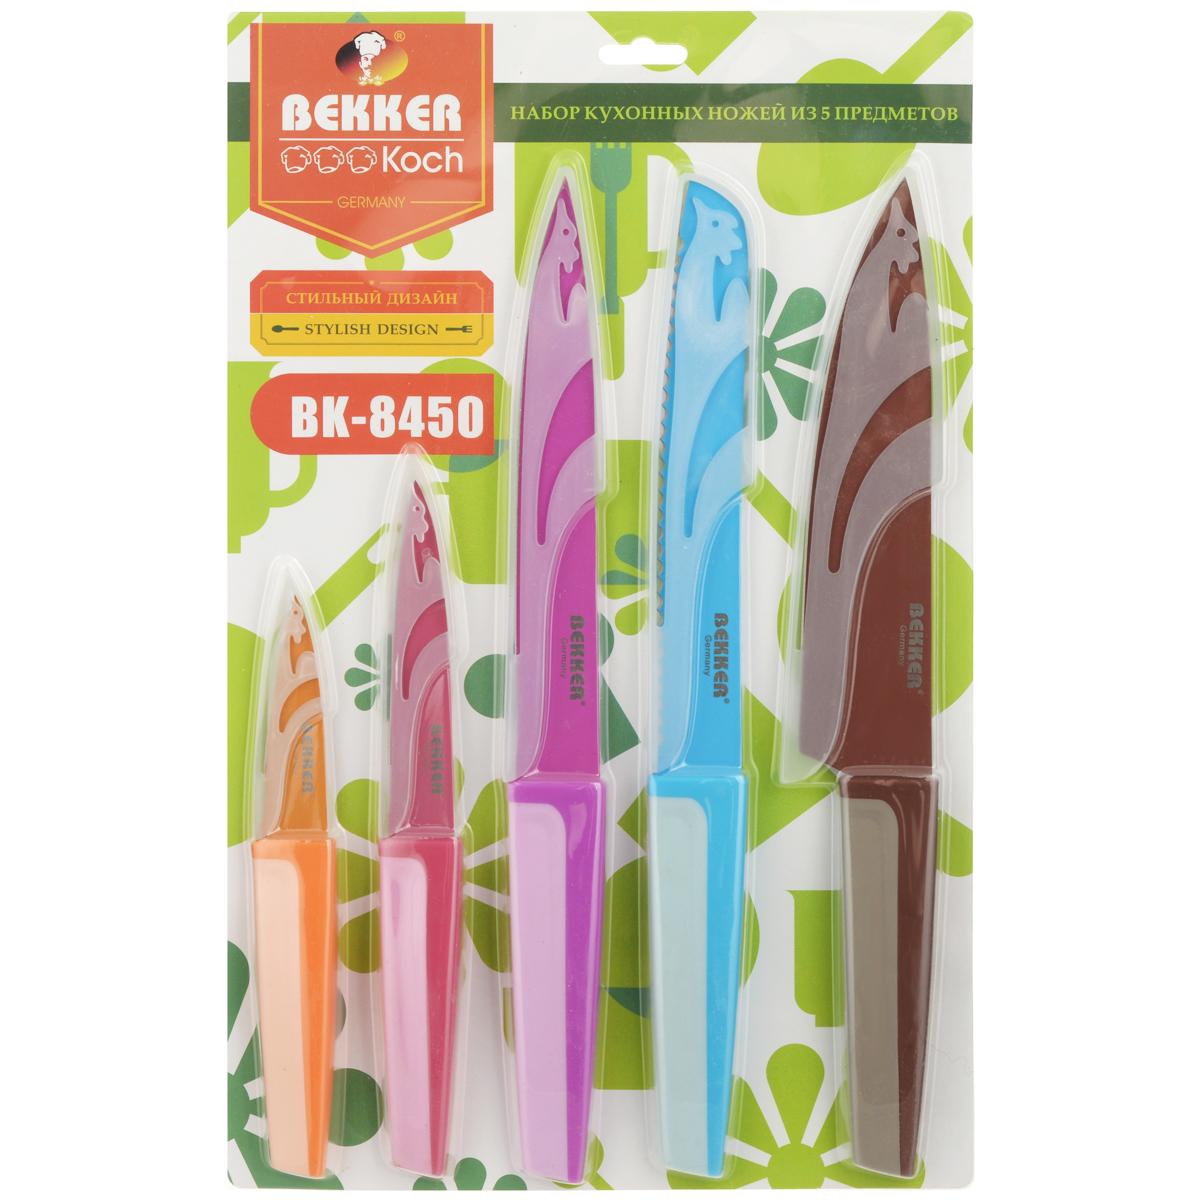 Набор ножей Bekker, с чехлами, 5 предметов. BK-8450BK-8450Набор Bekker состоит из поварского ножа, ножа для резки хлеба, ножа для тонкой нарезки, ножа универсального и ножа для очистки. Каждый нож убран в пластиковый чехол. Лезвия ножей выполнены из нержавеющей стали. Рукоятки изготовлены из пластика с силиконовым покрытием Corilon. Ножи незаменимы для измельчения и чистки различных продуктов. Благодаря своему высокому качеству, первоклассному дизайну, прочности и надежности ножи идеально подходят для любой кухни. Подходят для чистки в посудомоечной машине. Длина лезвия поварского ножа: 20,3 см. Общая длинна поварского ножа: 33,5 см. Длина лезвия ножа для резки хлеба: 20,3 см. Общая длинна ножа для резки хлеба: 33,5 см. Длина лезвия ножа для тонкой нарезки: 20,3 см. Общая длинна ножа для тонкой нарезки: 33,5 см. Длина лезвия ножа универсального: 12,3 см. Общая длинна ножа универсального: 23,5 см. Длина лезвия ножа для очистки: 8,7 см. Общая длинна ножа...